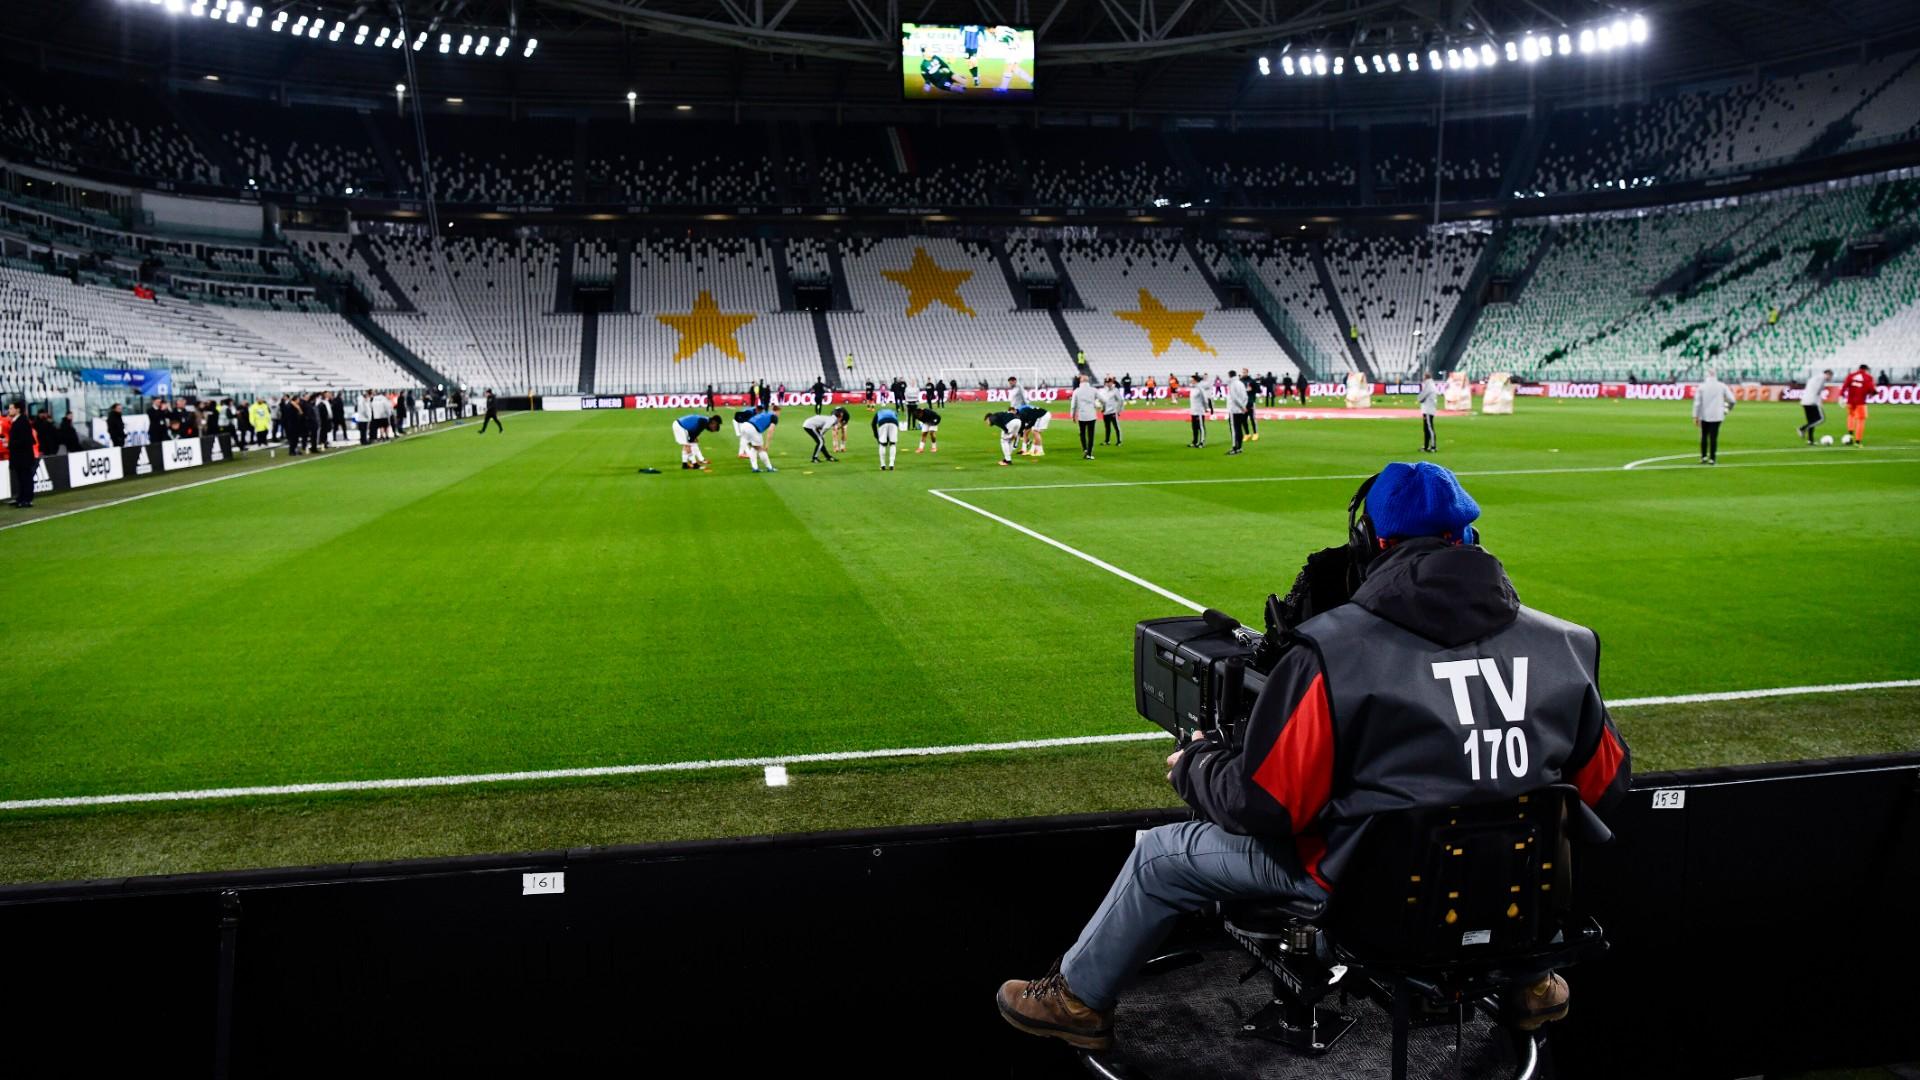 В Италия с бавни темпове ще отварят стадионитe от 8 октомври 1